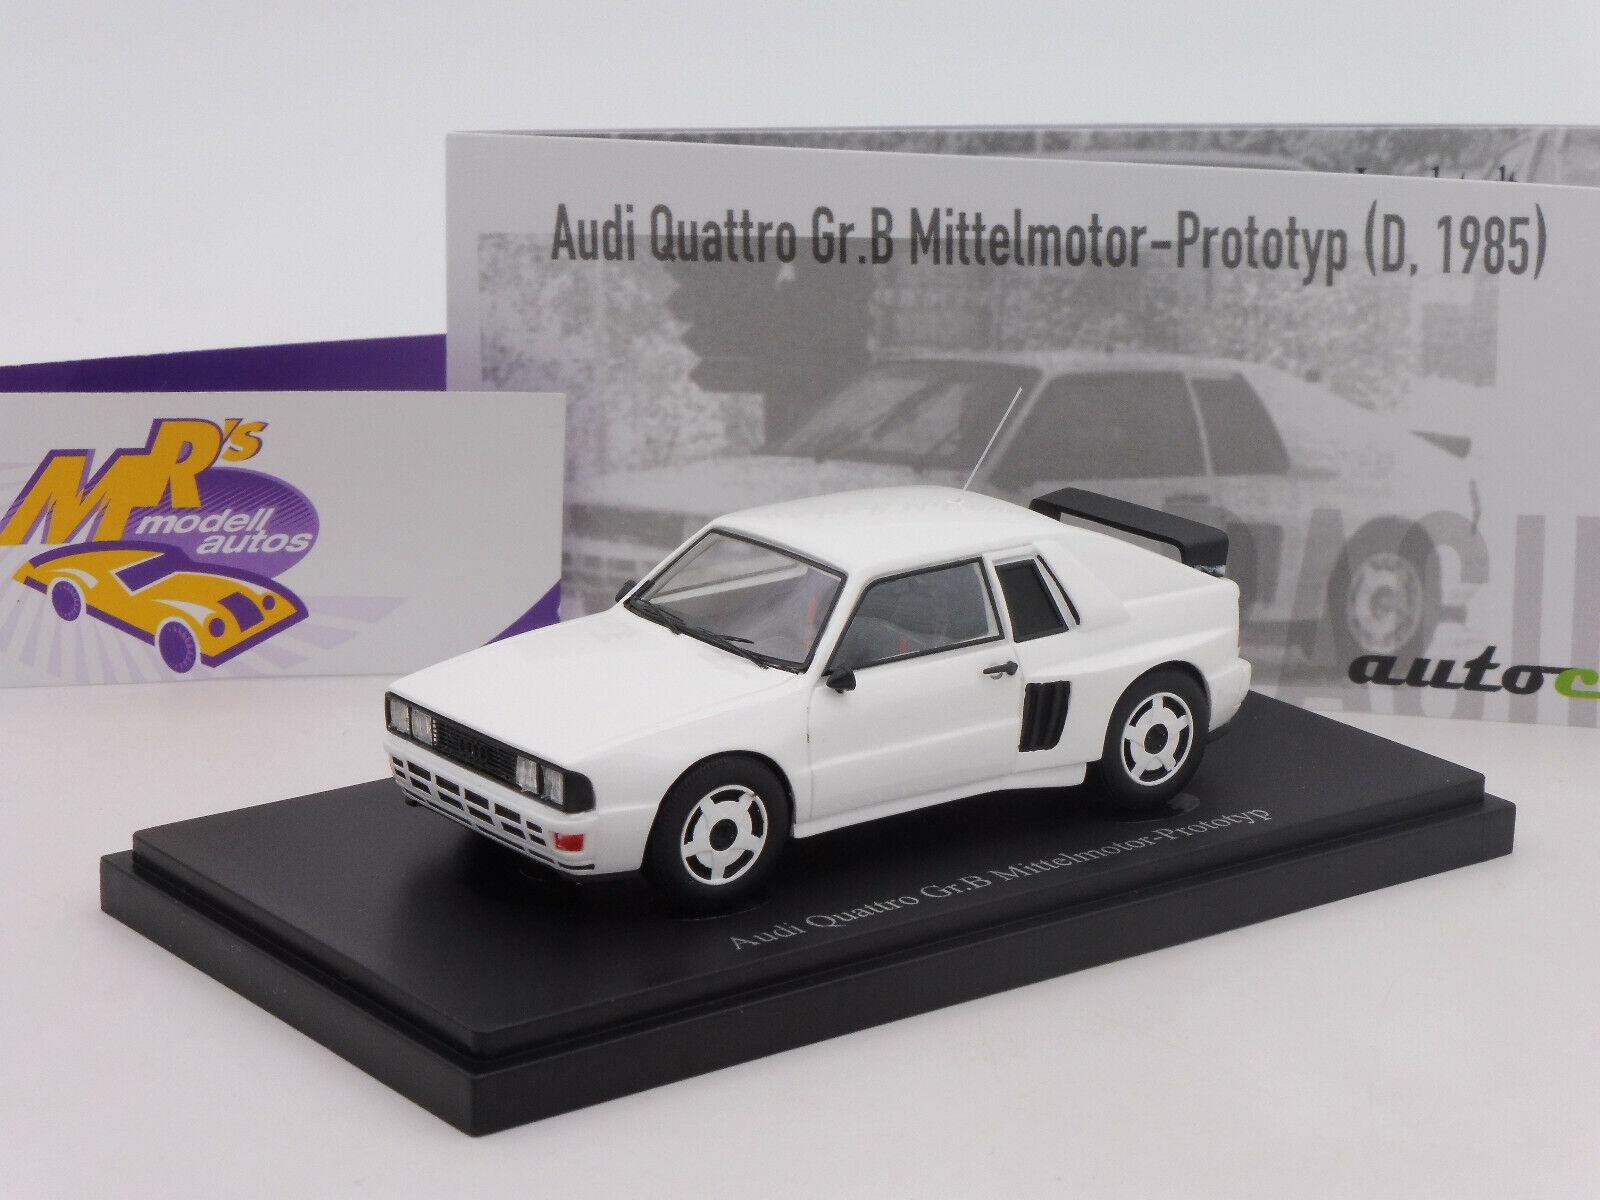 Autocult 07013    AUDI QUATTRO Taille B moyens moteur prougeotype Année 1985  BLANC  1 43  boutique en ligne